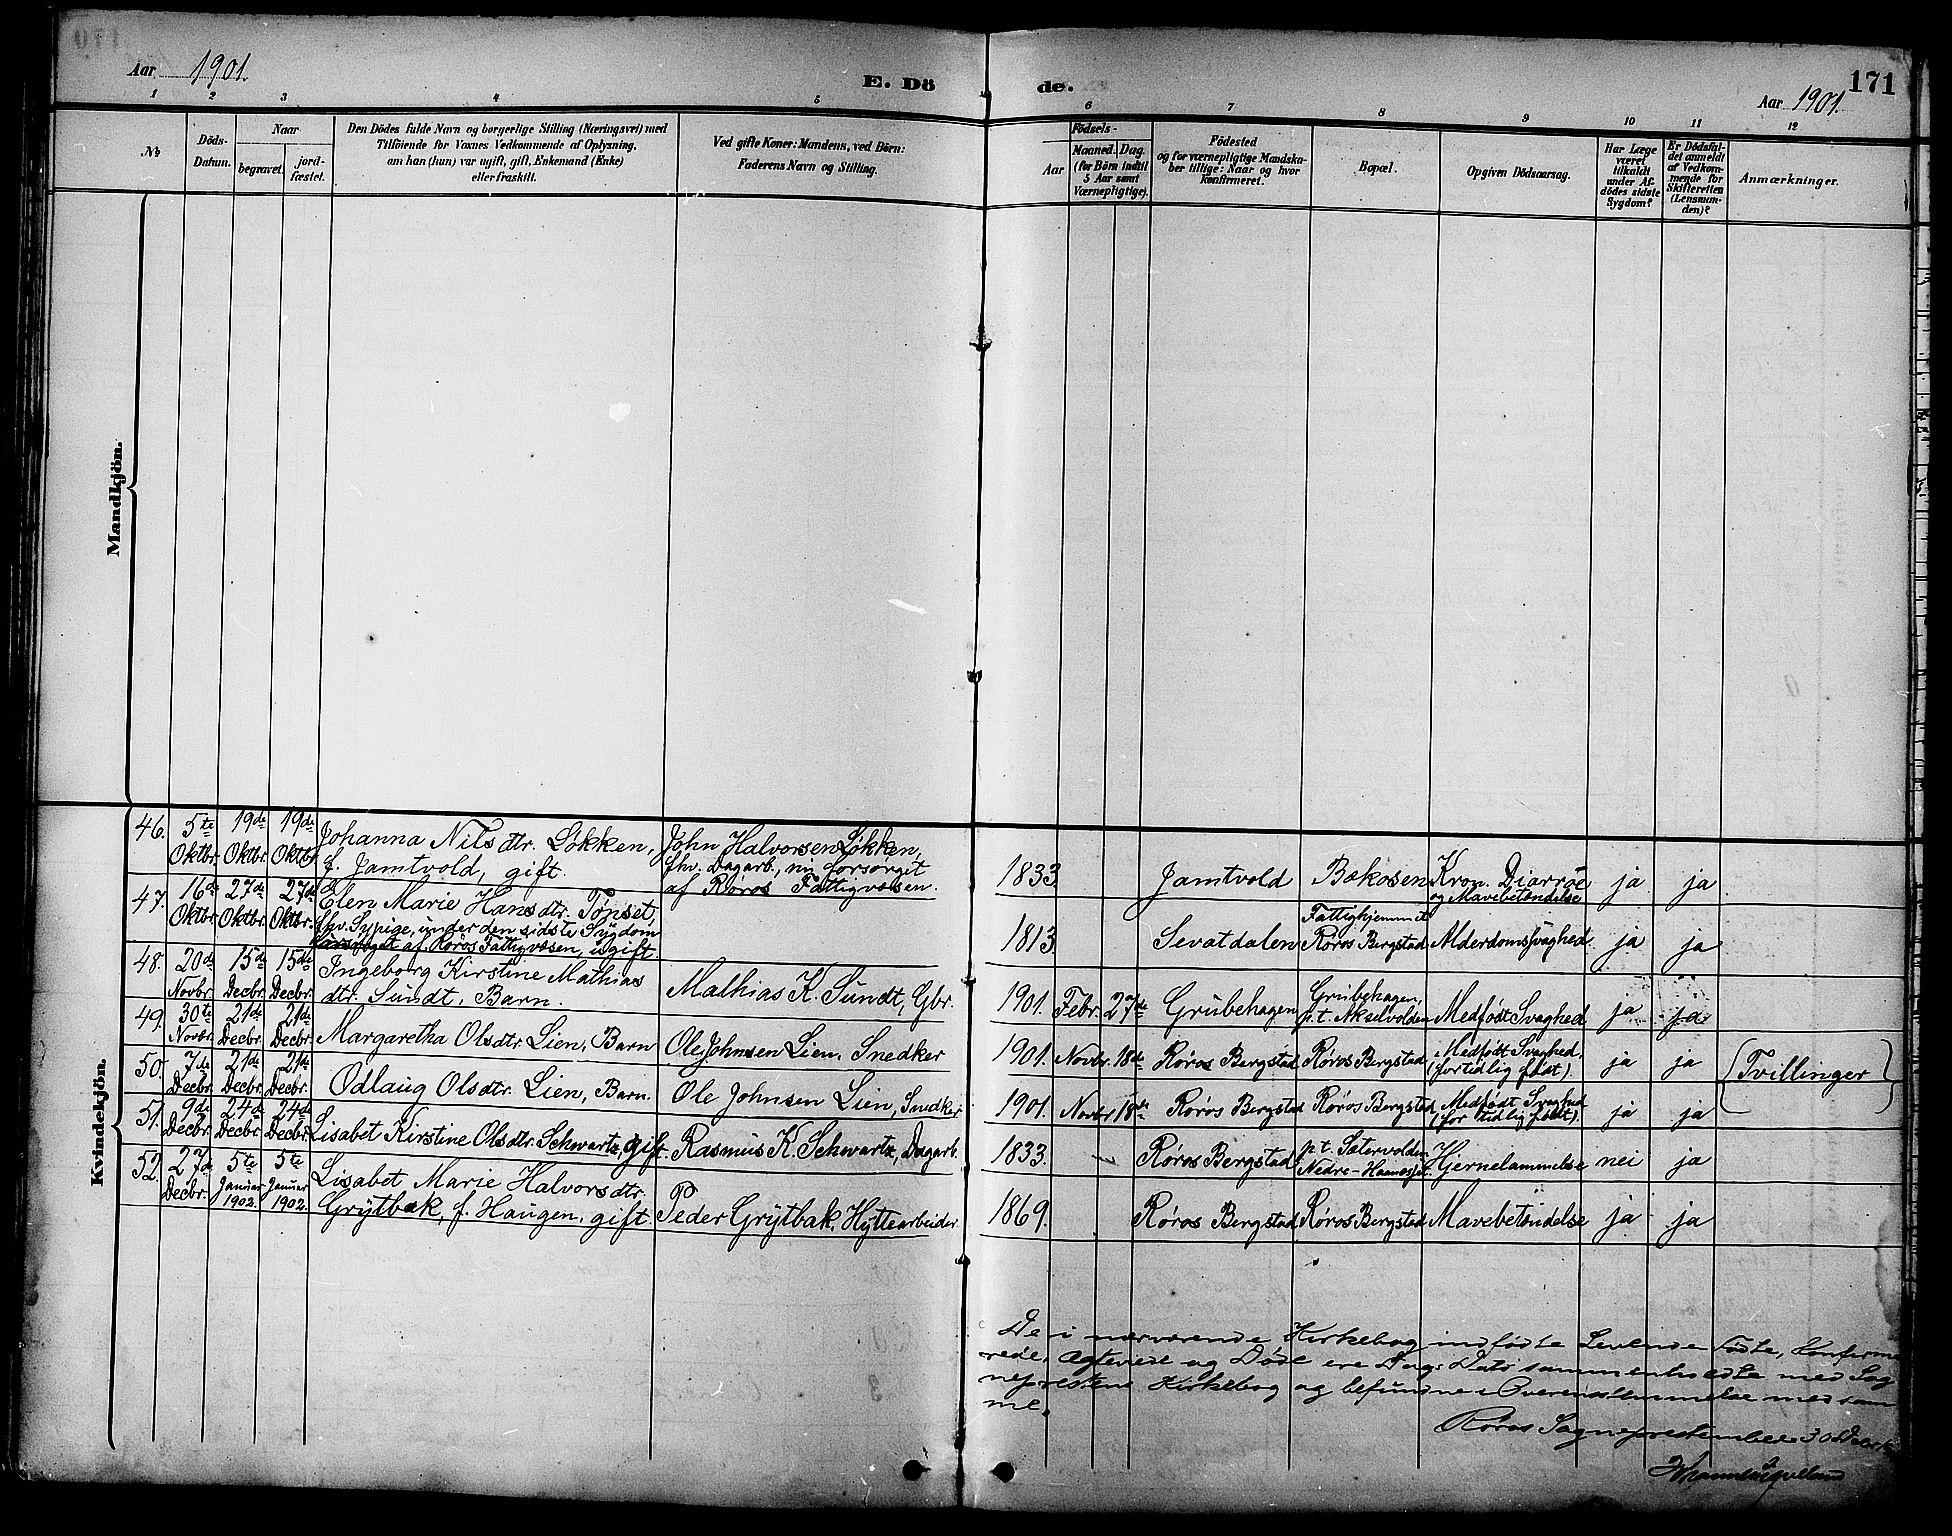 SAT, Ministerialprotokoller, klokkerbøker og fødselsregistre - Sør-Trøndelag, 681/L0941: Klokkerbok nr. 681C05, 1896-1905, s. 171